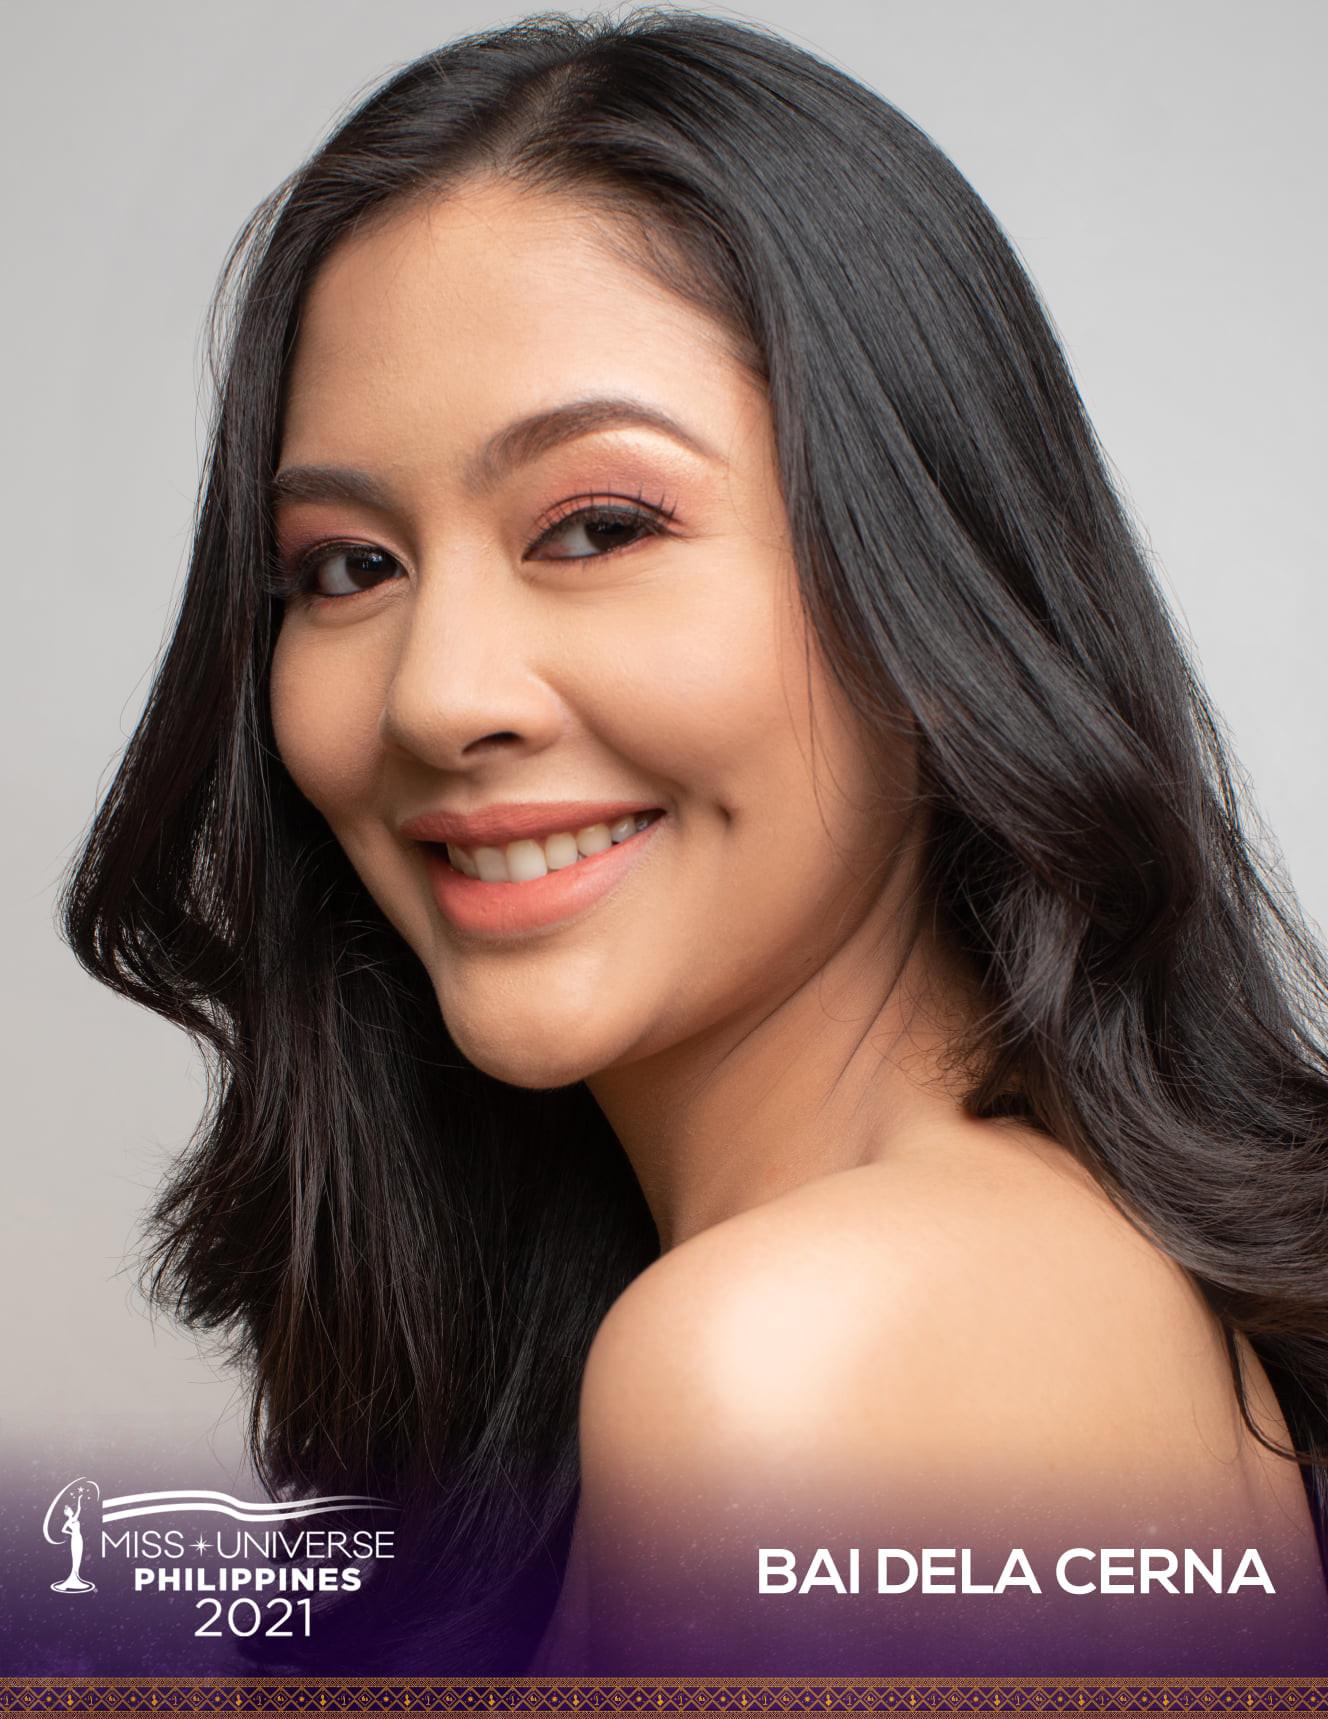 pre-candidatas a miss universe philippines 2021. - Página 2 AlfHzb